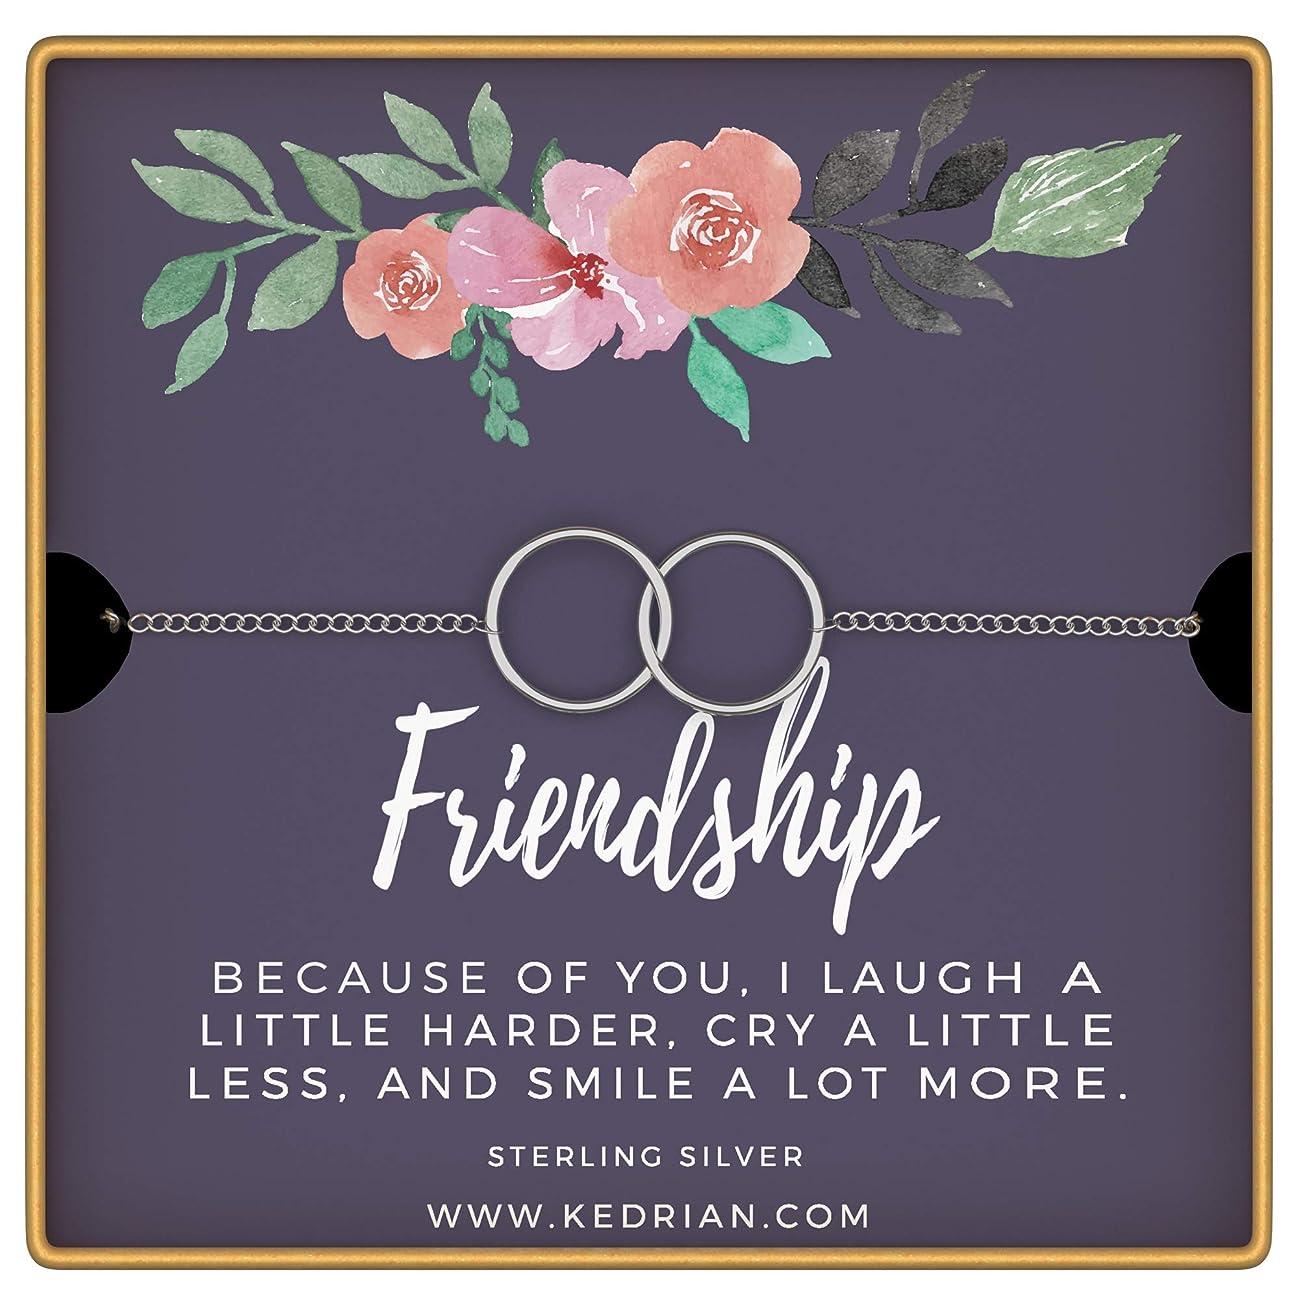 KEDRIAN Friendship Bracelet, 925 Sterling Silver, Friendship Bracelet, Best Friend Bracelet, Friendship Gifts For Women, Best Friend Gifts For Women